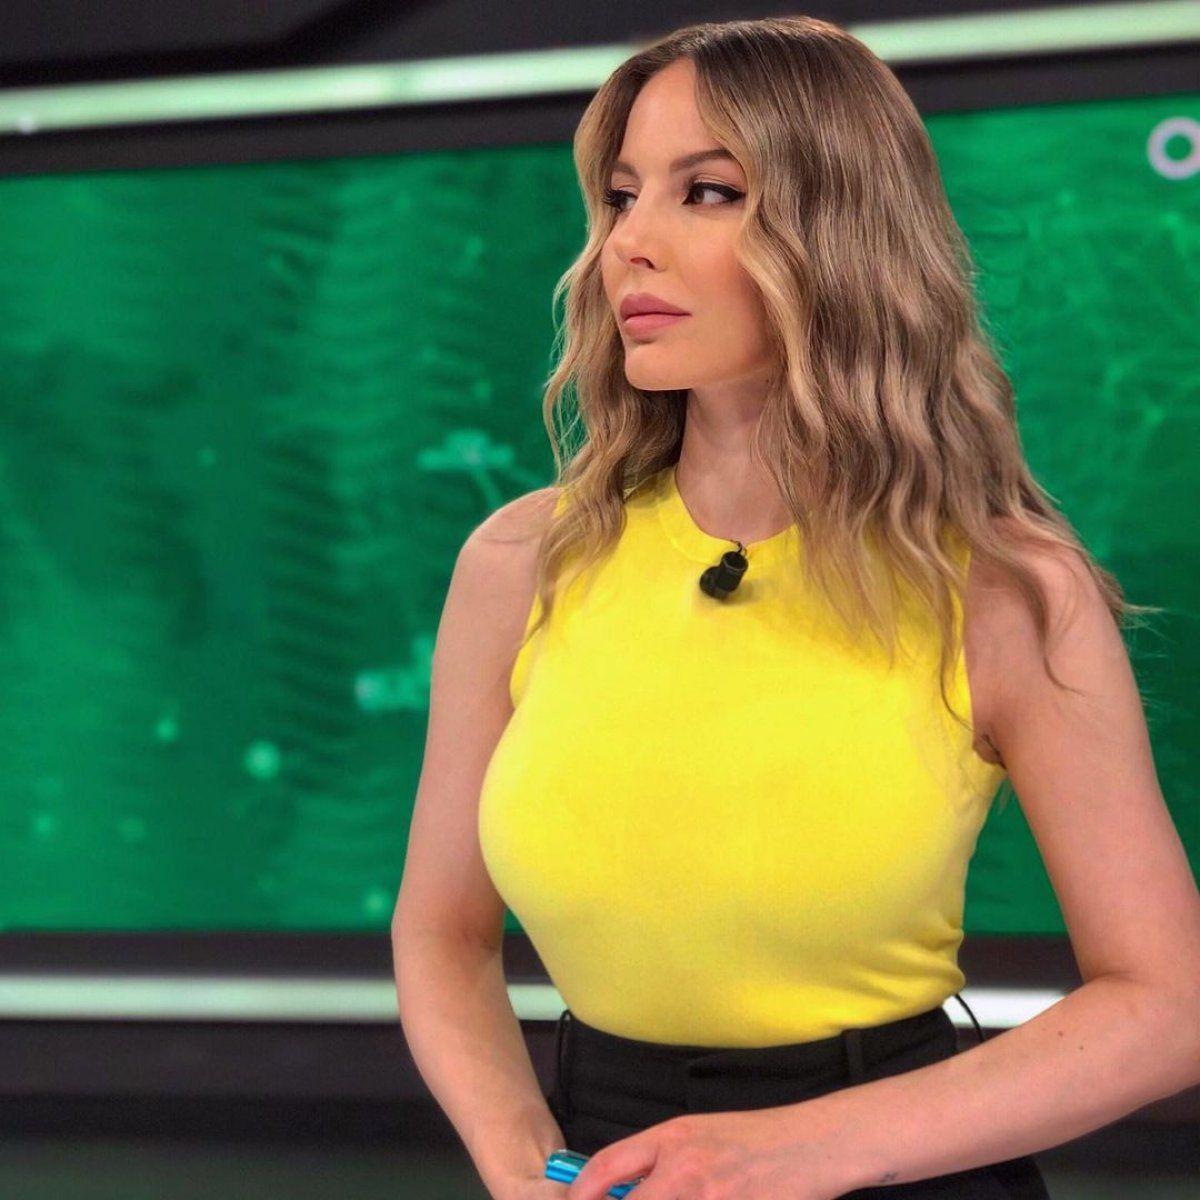 Habertürk'ten kovuldu denilen Hande Sarıoğlu ilk kez konuştu - Sayfa 3